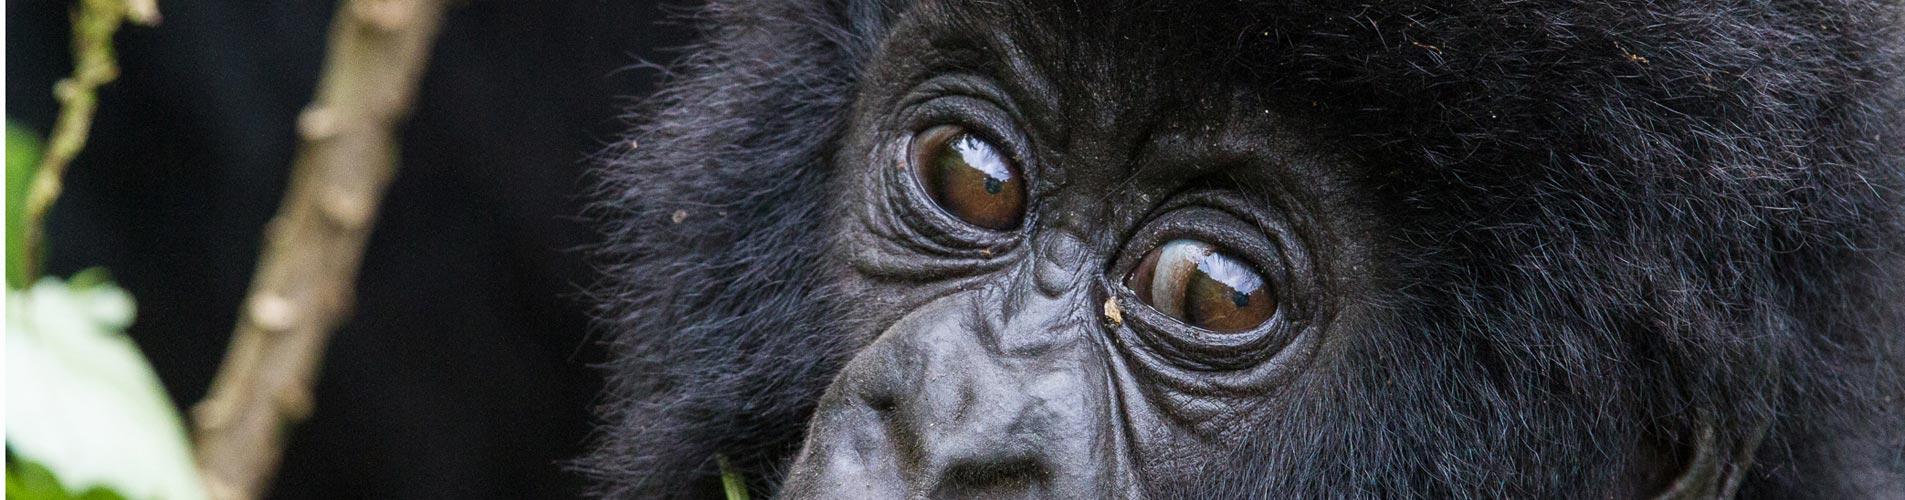 Soulful Eyes in Rwanda